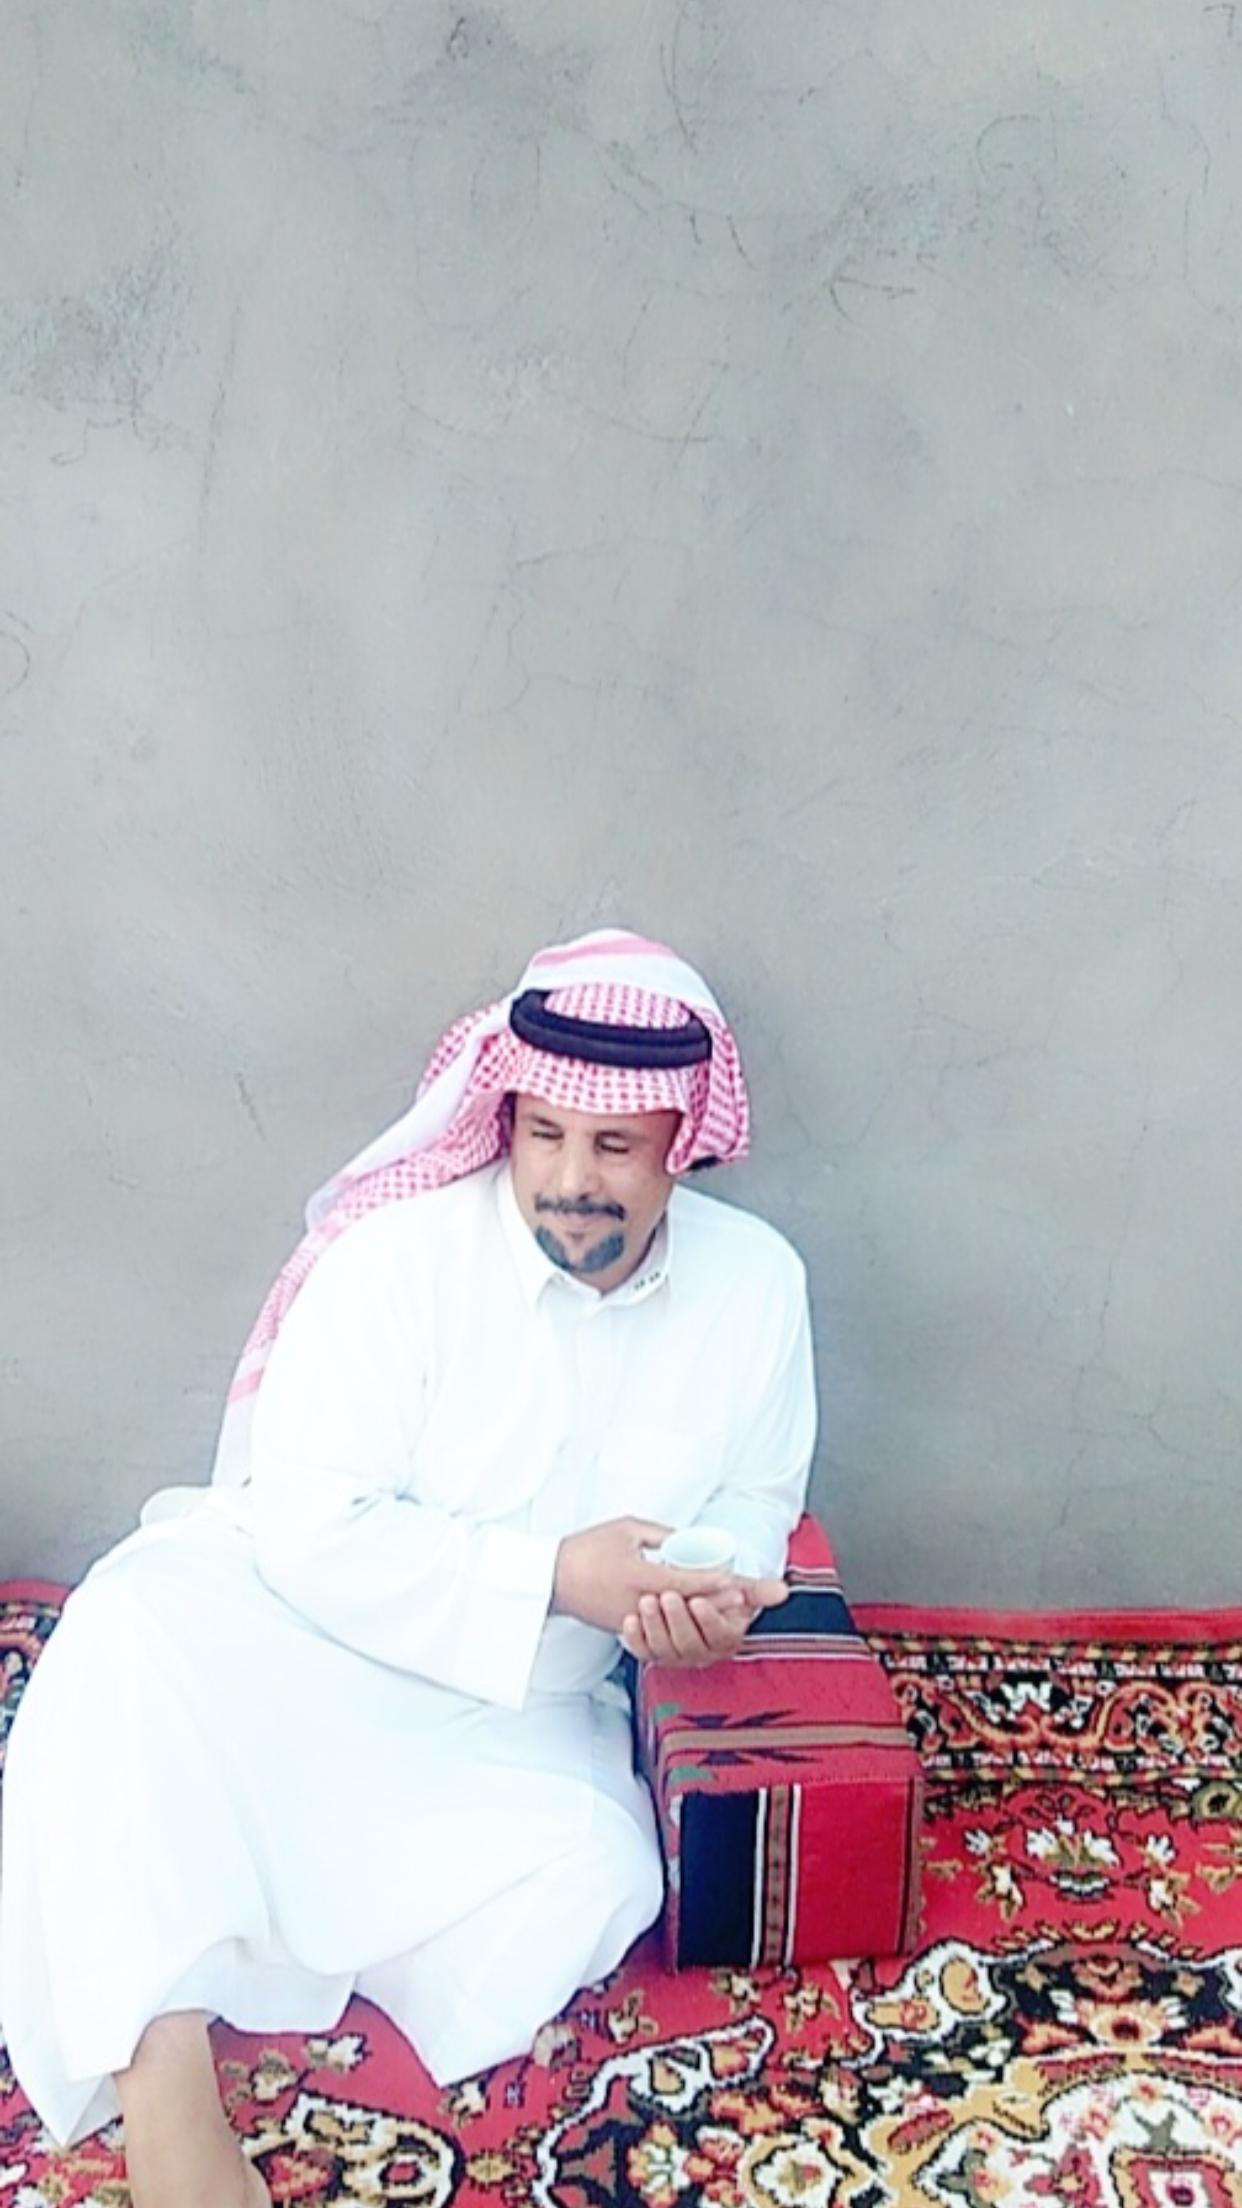 الشاب / حمدان فرج الجحم البلوي يحتفل بزواجه 339C4C33 4DE1 451D AB2D 32D93DD44A20